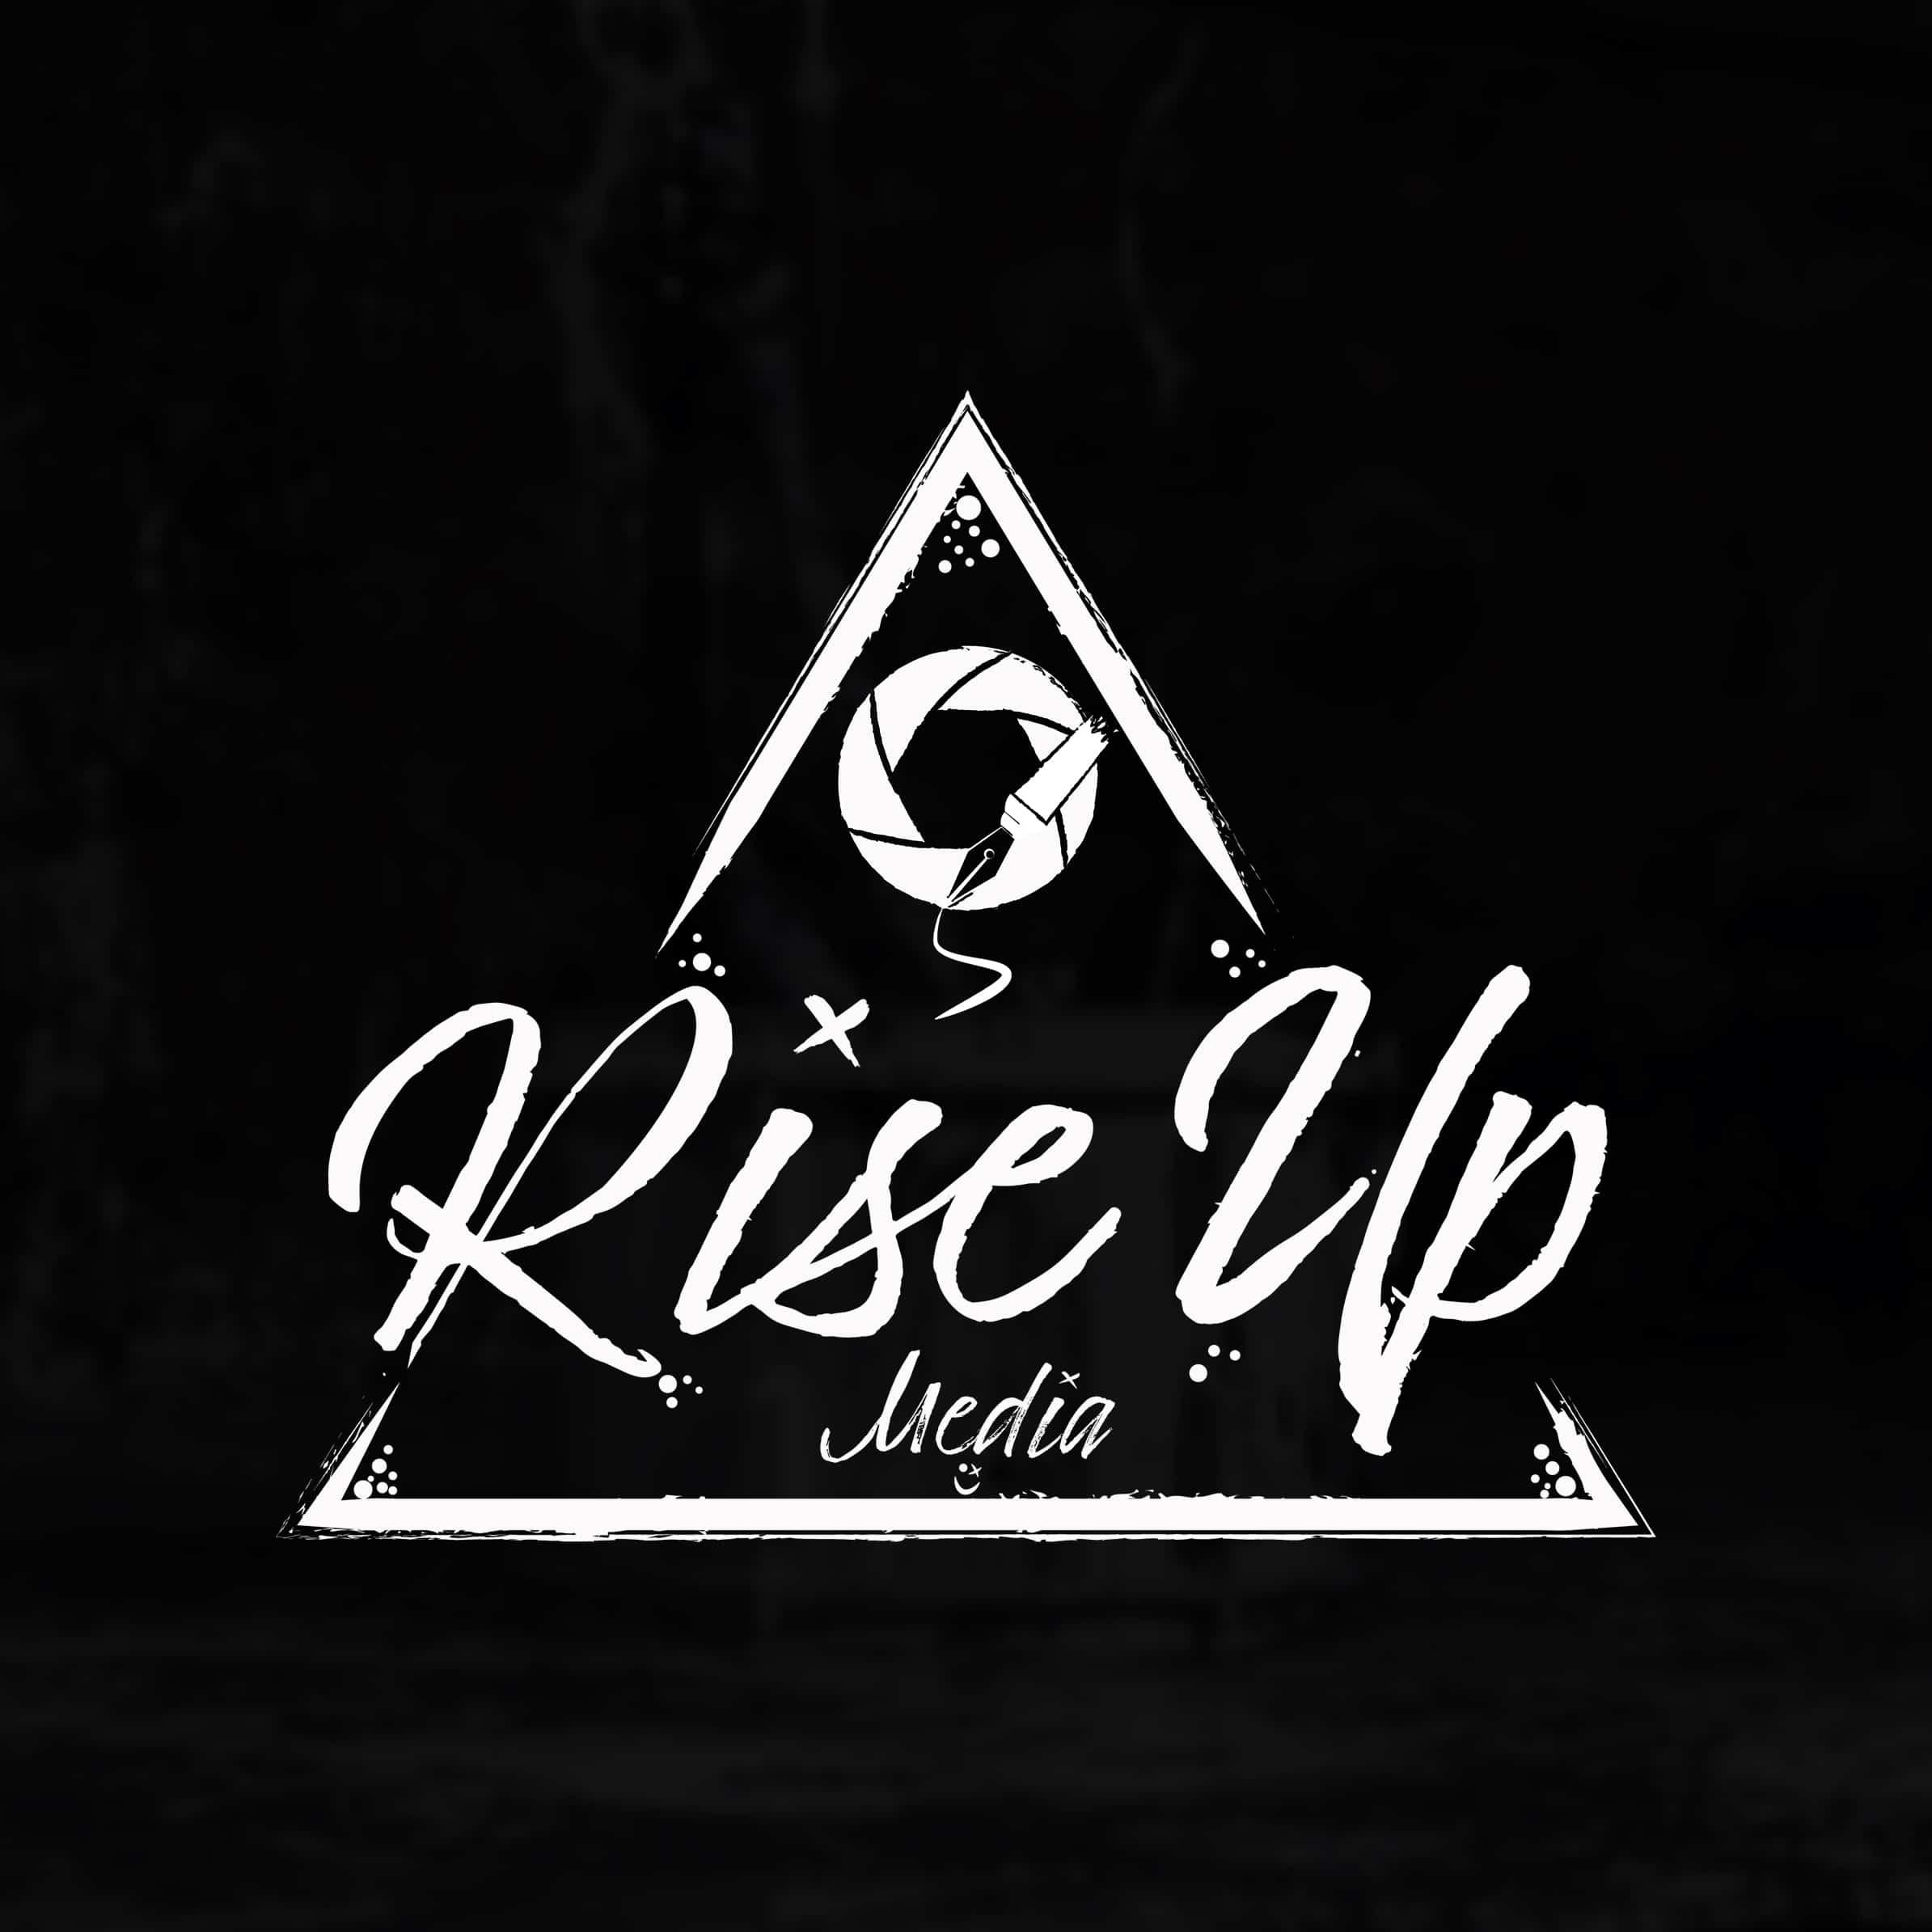 Rise Up Media Thomas Kern Logo